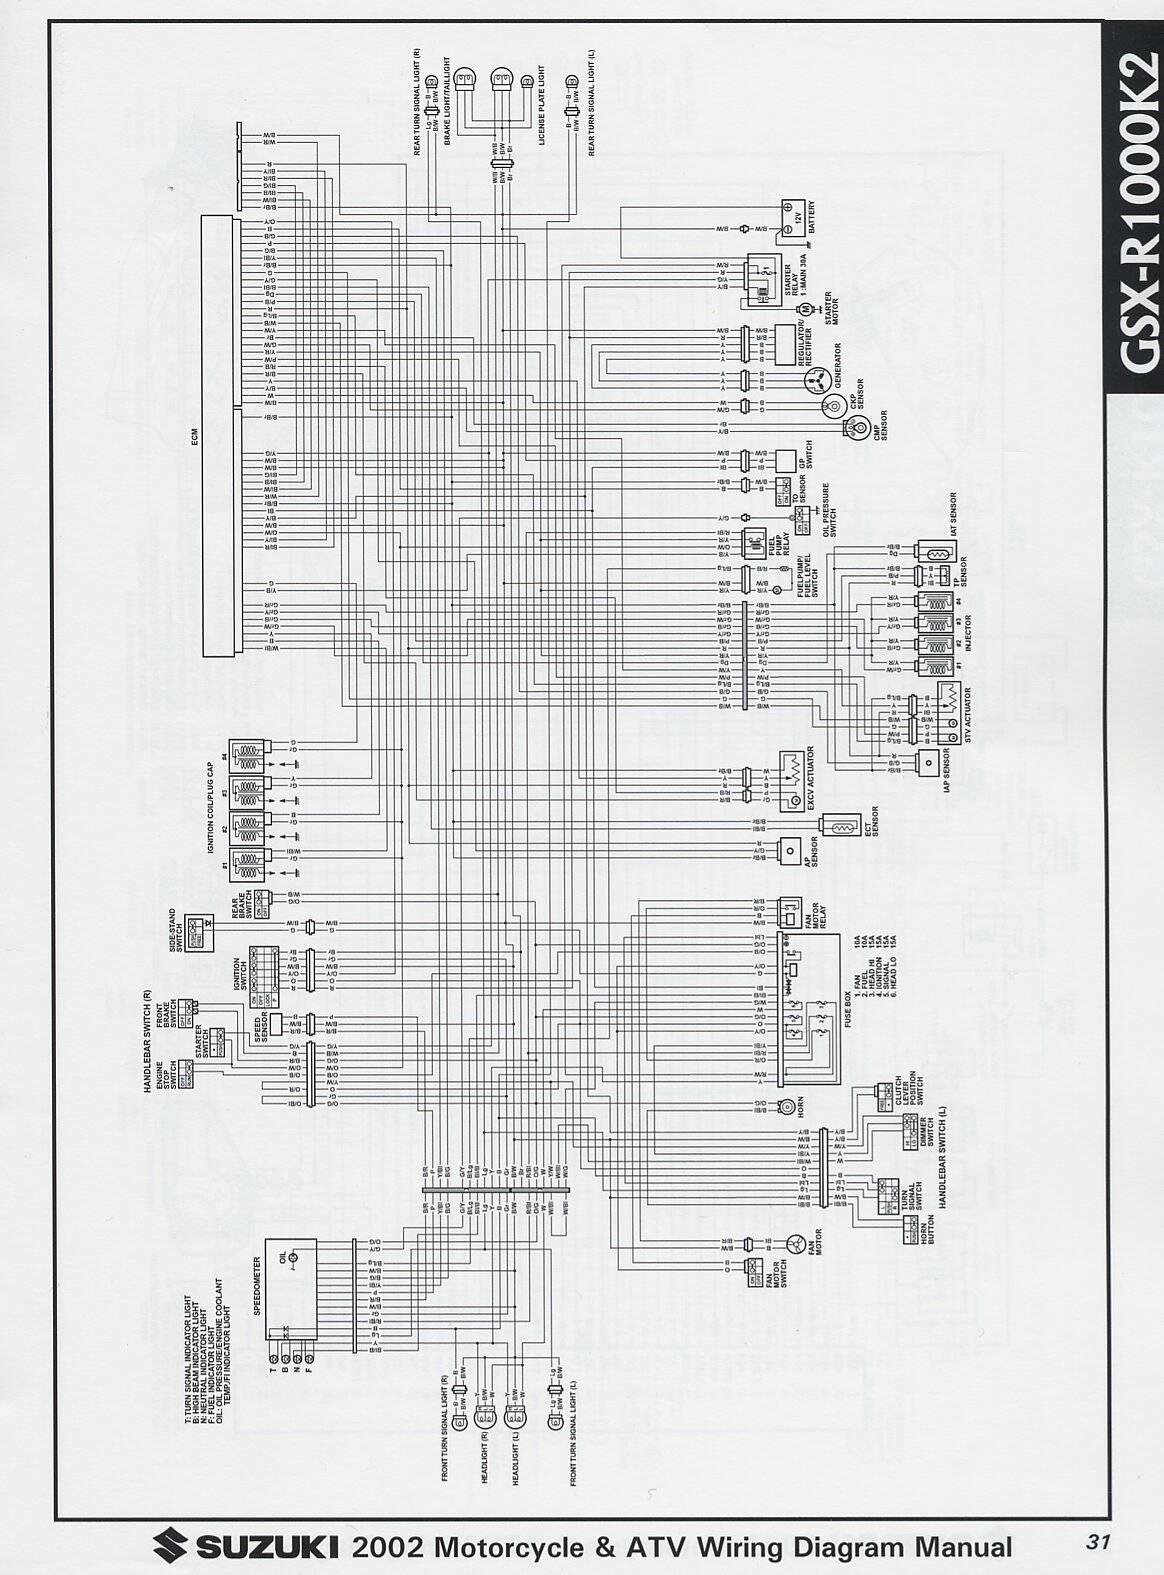 05 gsxr 1000 fuel pump wiring harness diagram electrical wiring 2007 suzuki 750 wire diagram wiring diagram 08 gsxr 1000 circuit wiring and diagram hub \\u2022 05 gsxr 1000 fuel pump wiring harness diagram